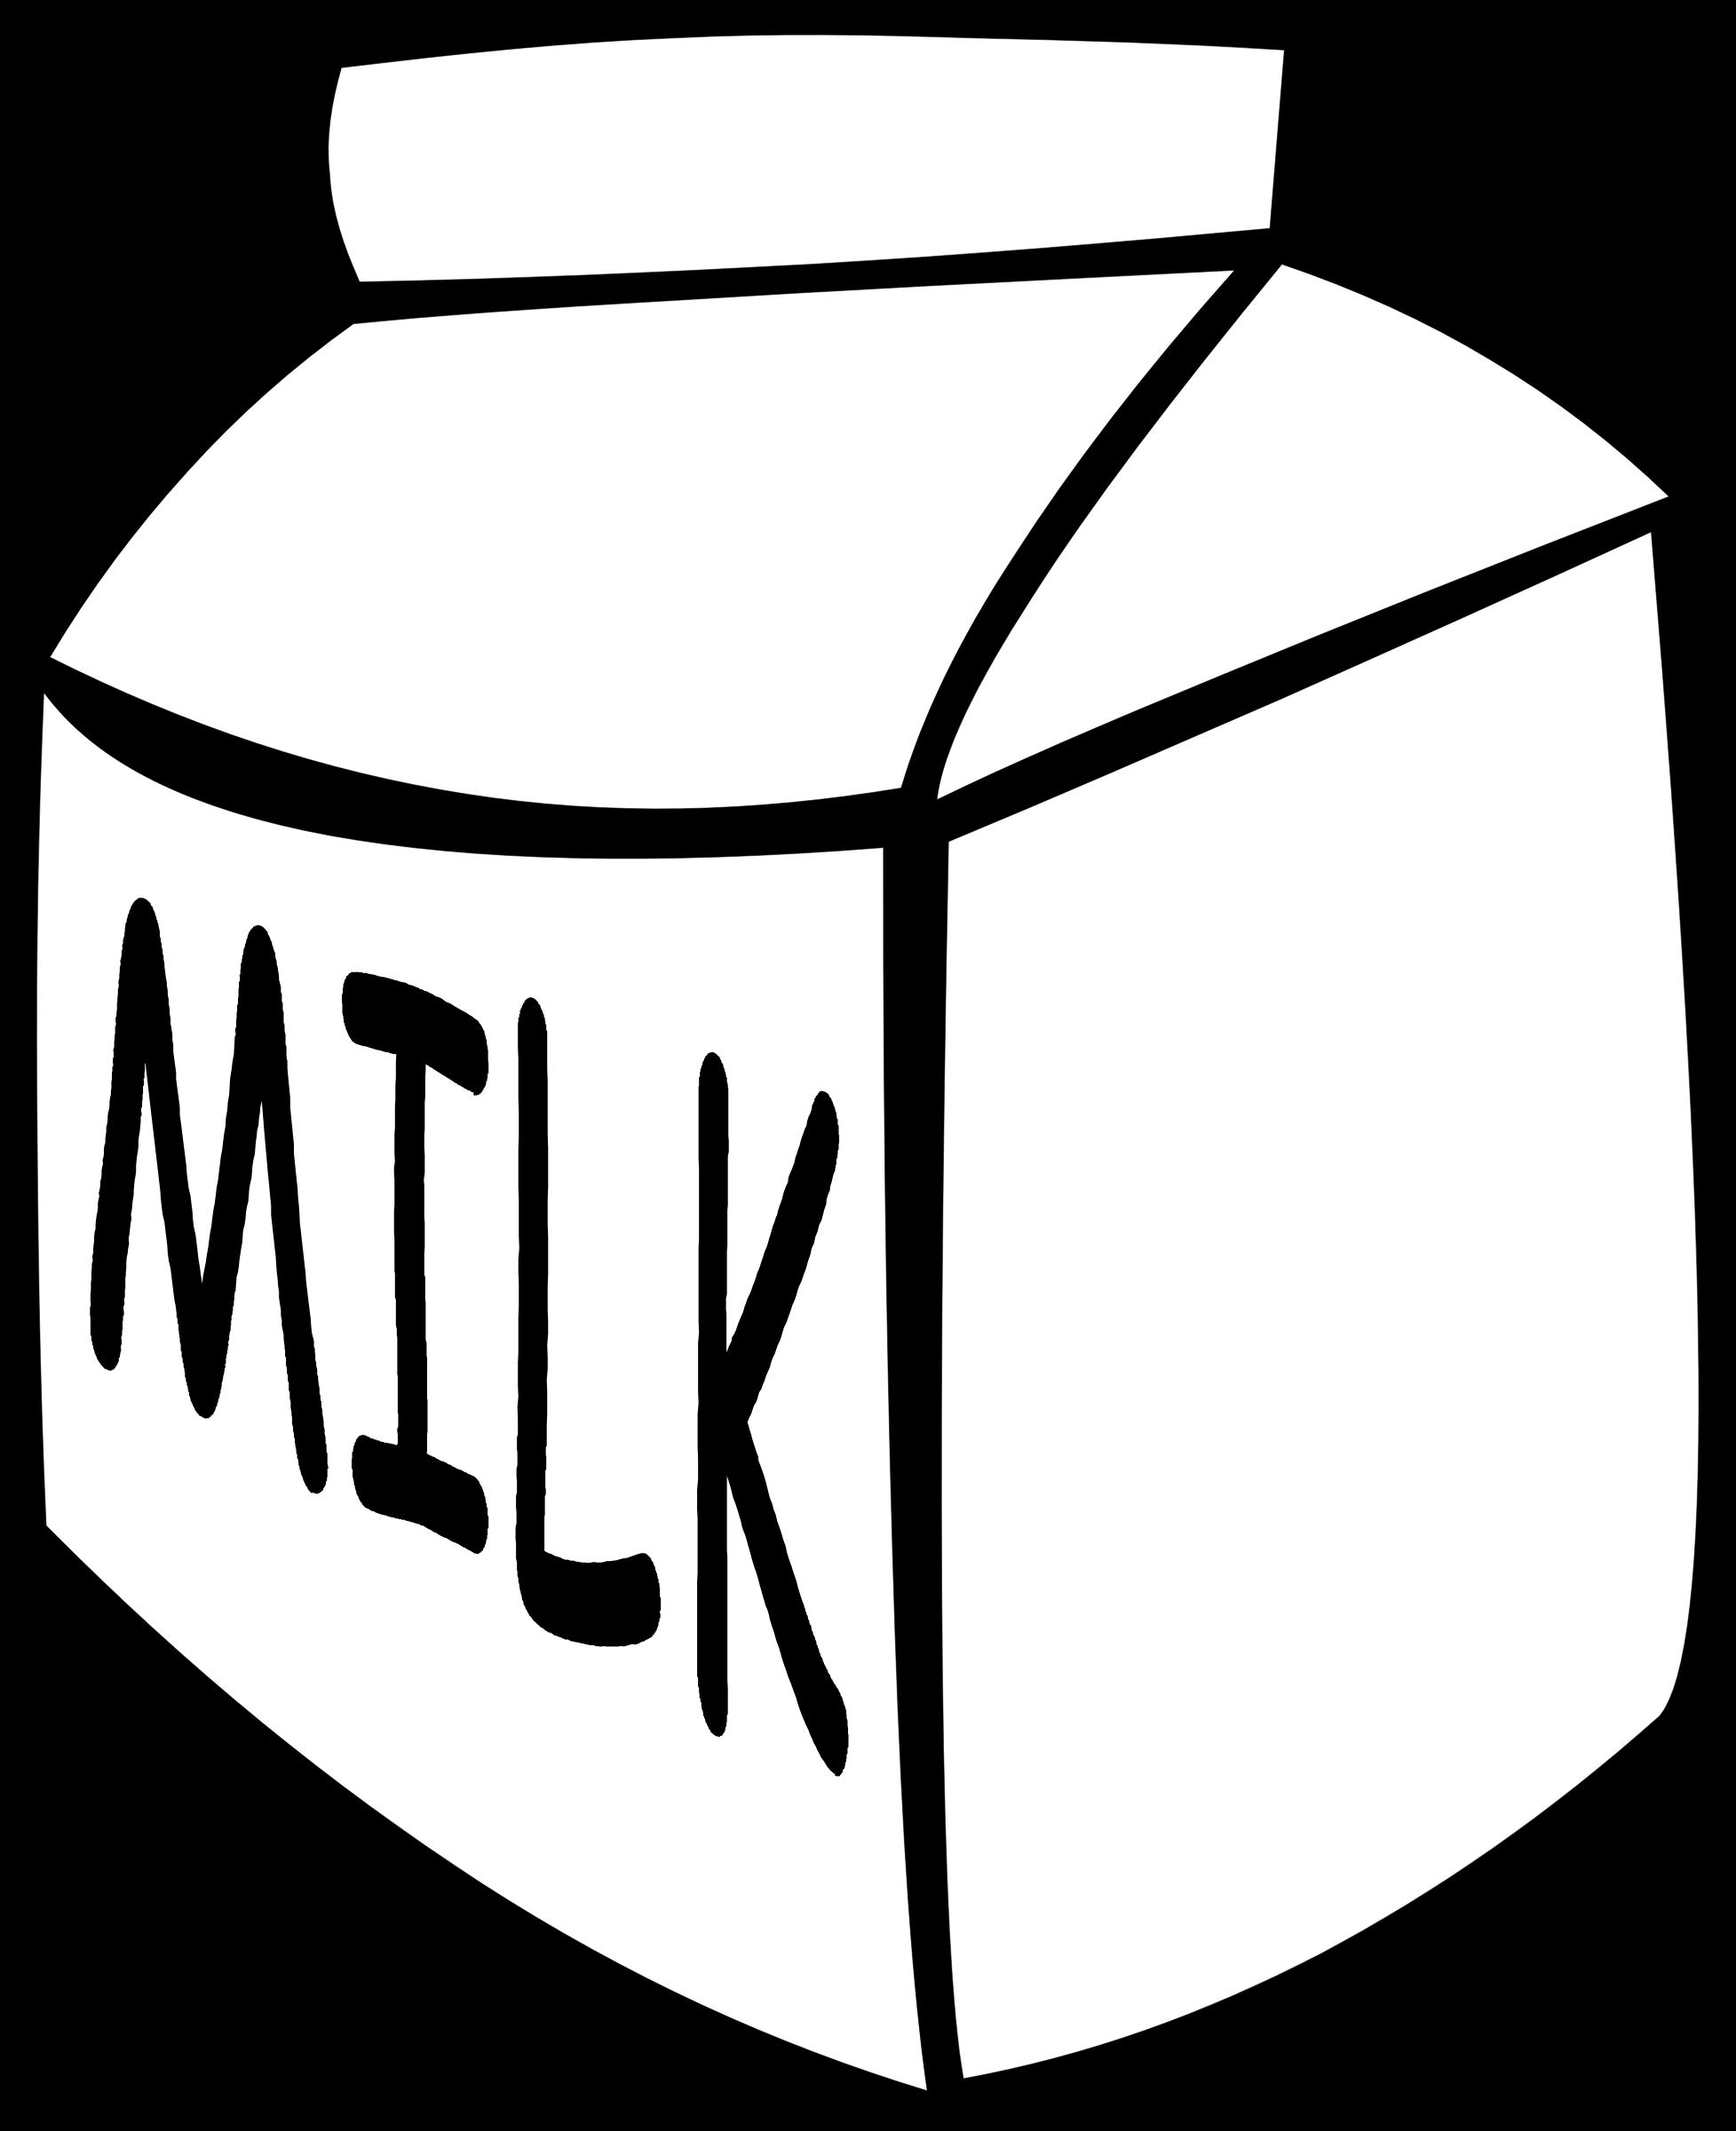 Fast food drinks milk. Cocktails clipart outline